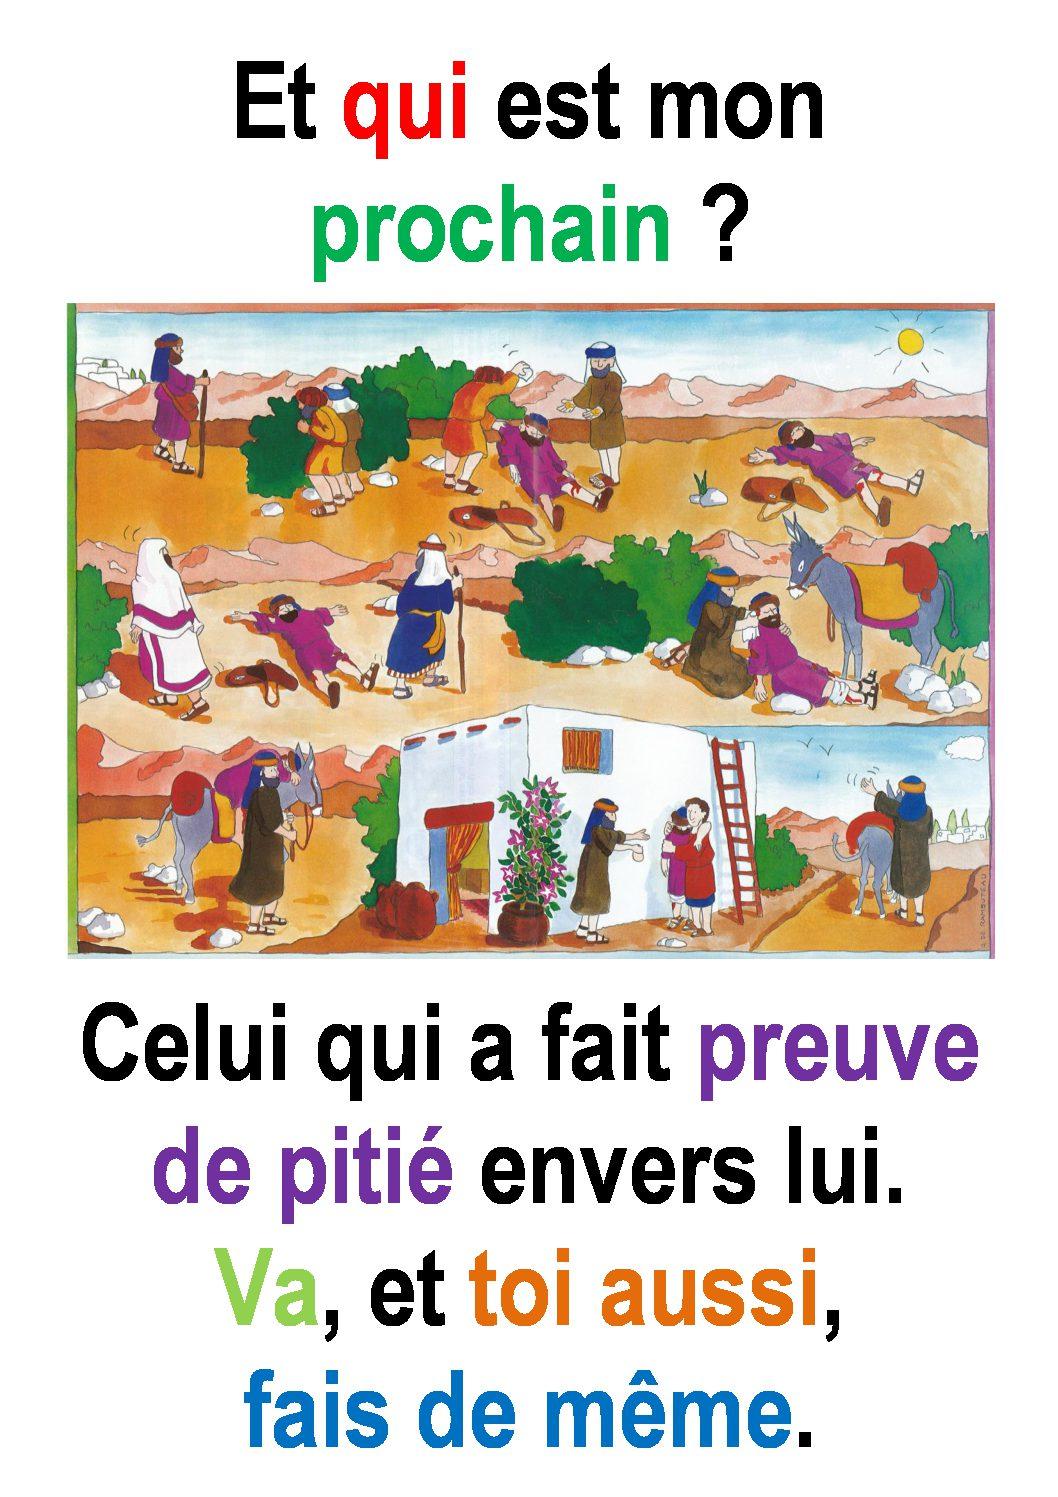 15ième Dimanche du Temps Ordinaire (Luc 10, 25-37 ) : « Va, et toi aussi,  fais de même. » (Francis Cousin) | Sedifop